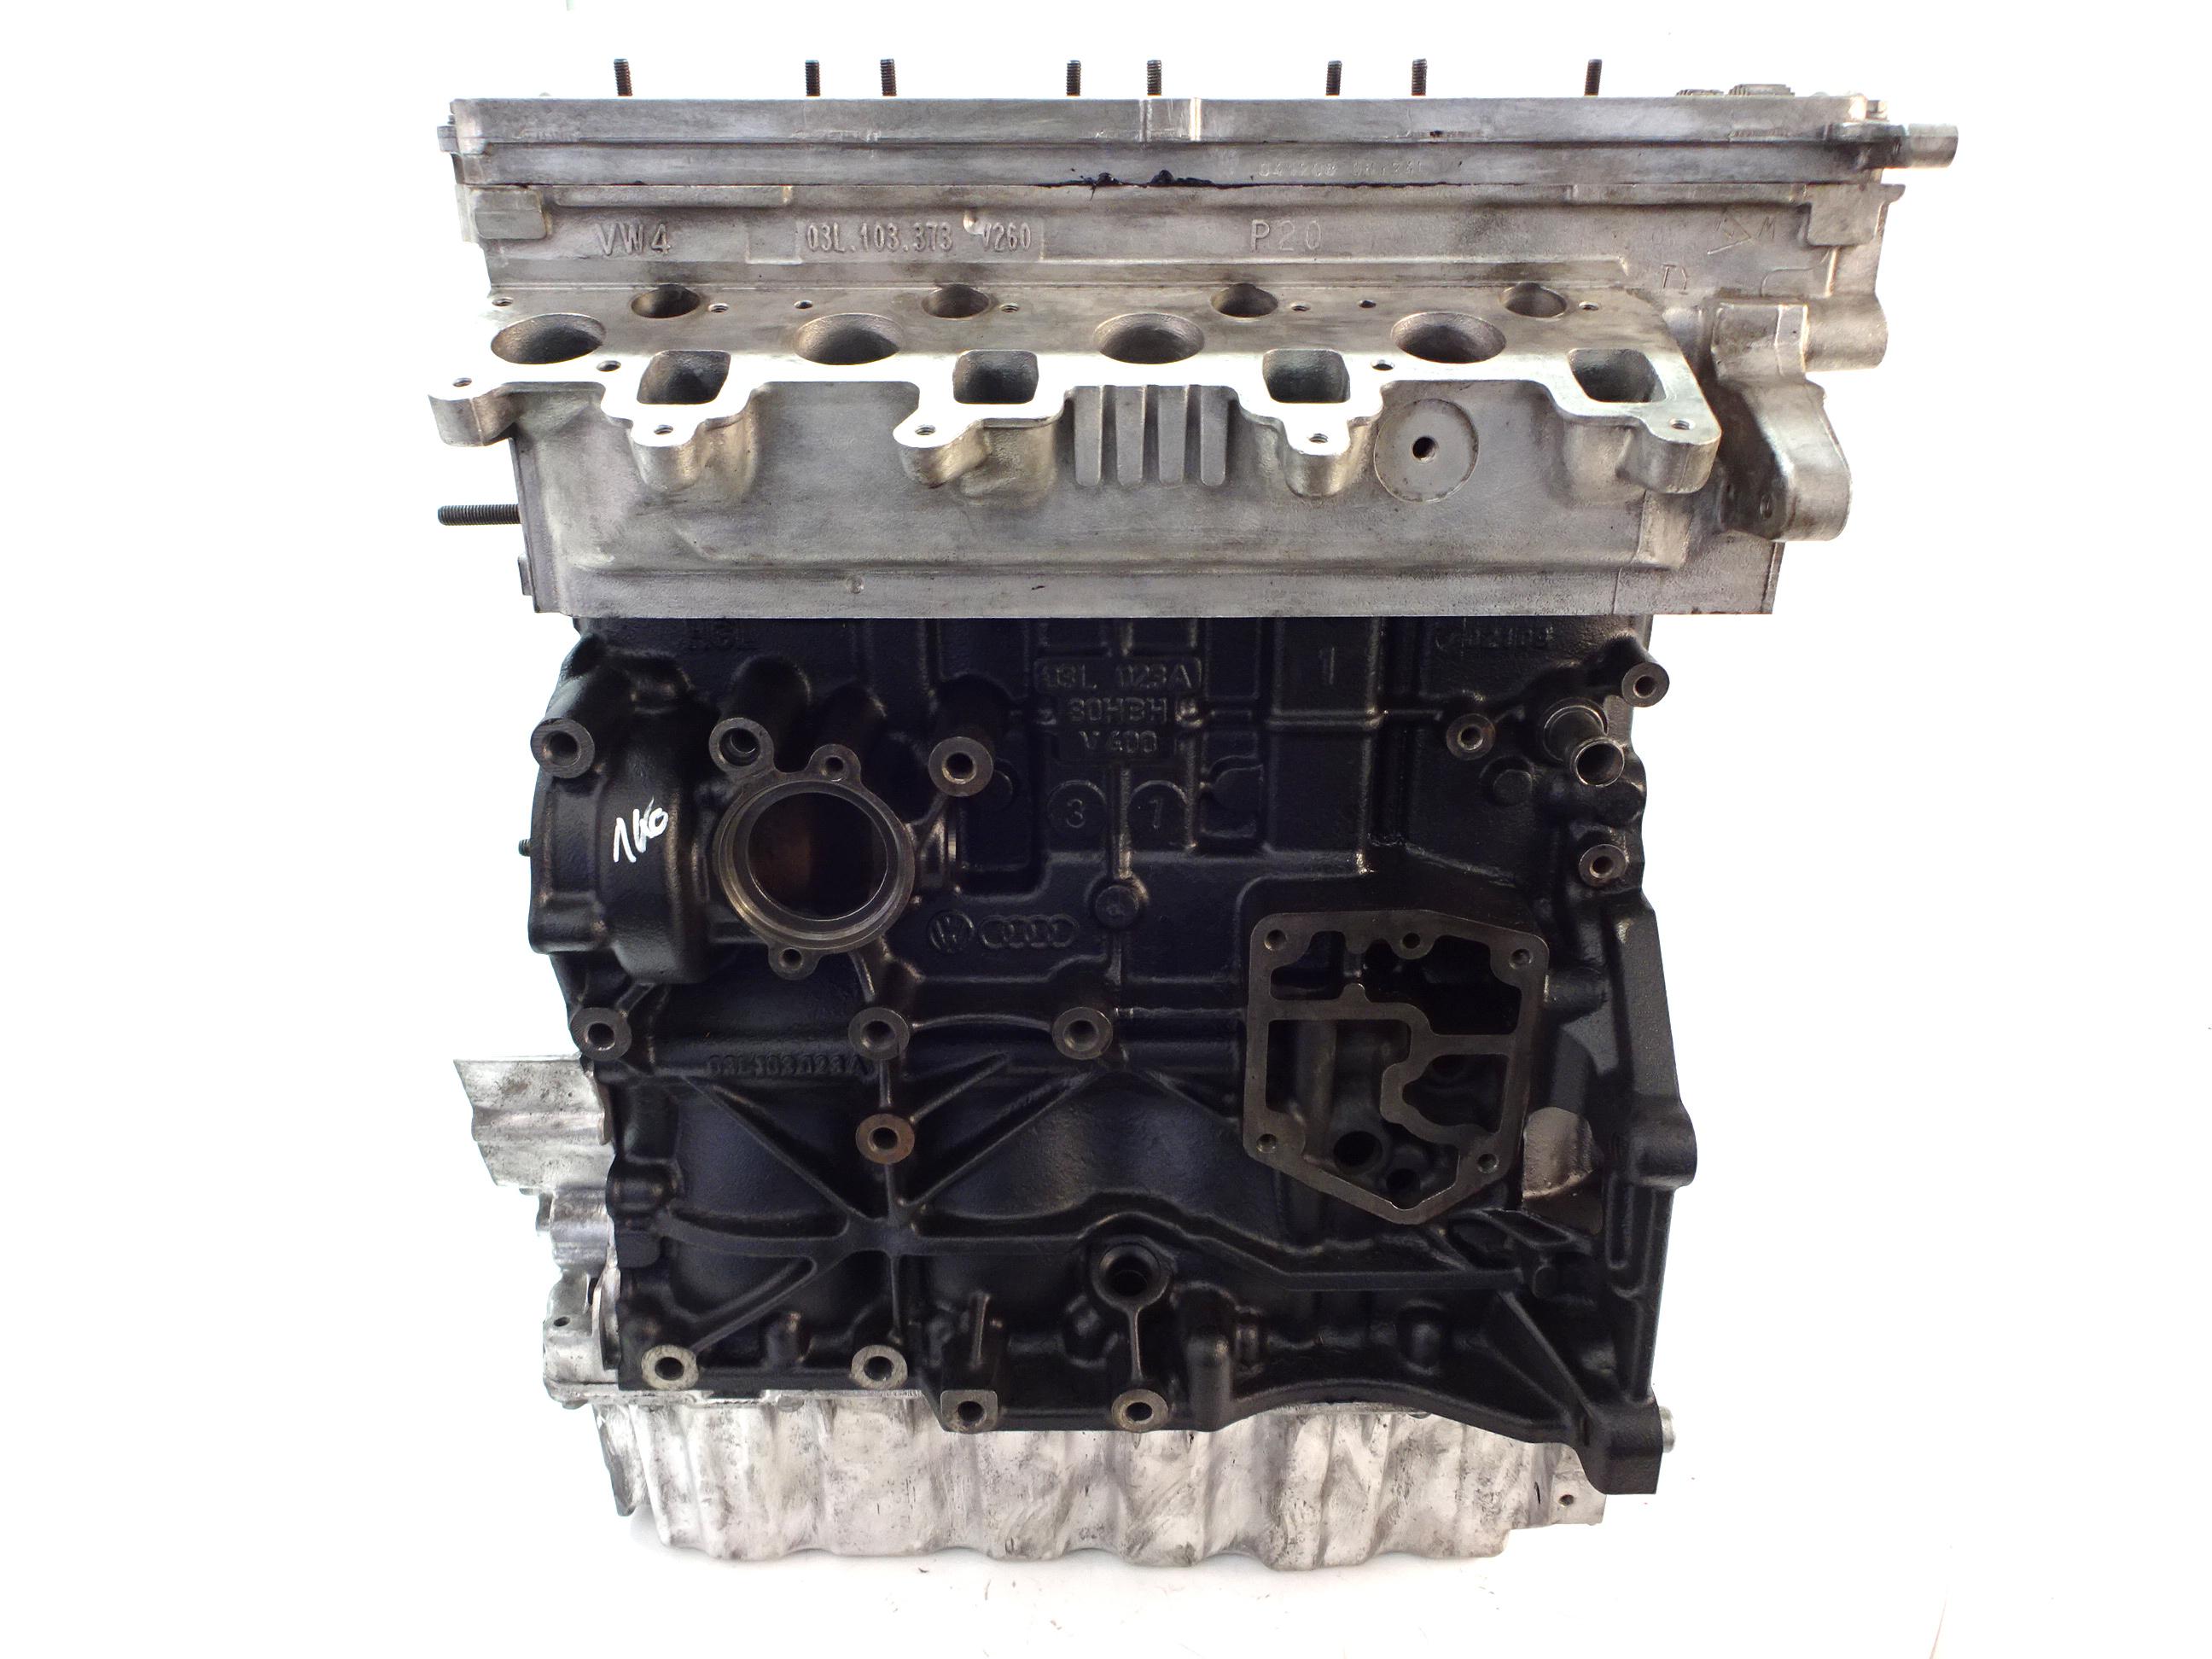 Motor VW Skoda Golf Jetta Scirocco Passat Yeti 2,0 TDI Diesel CBD CBDB CBDC